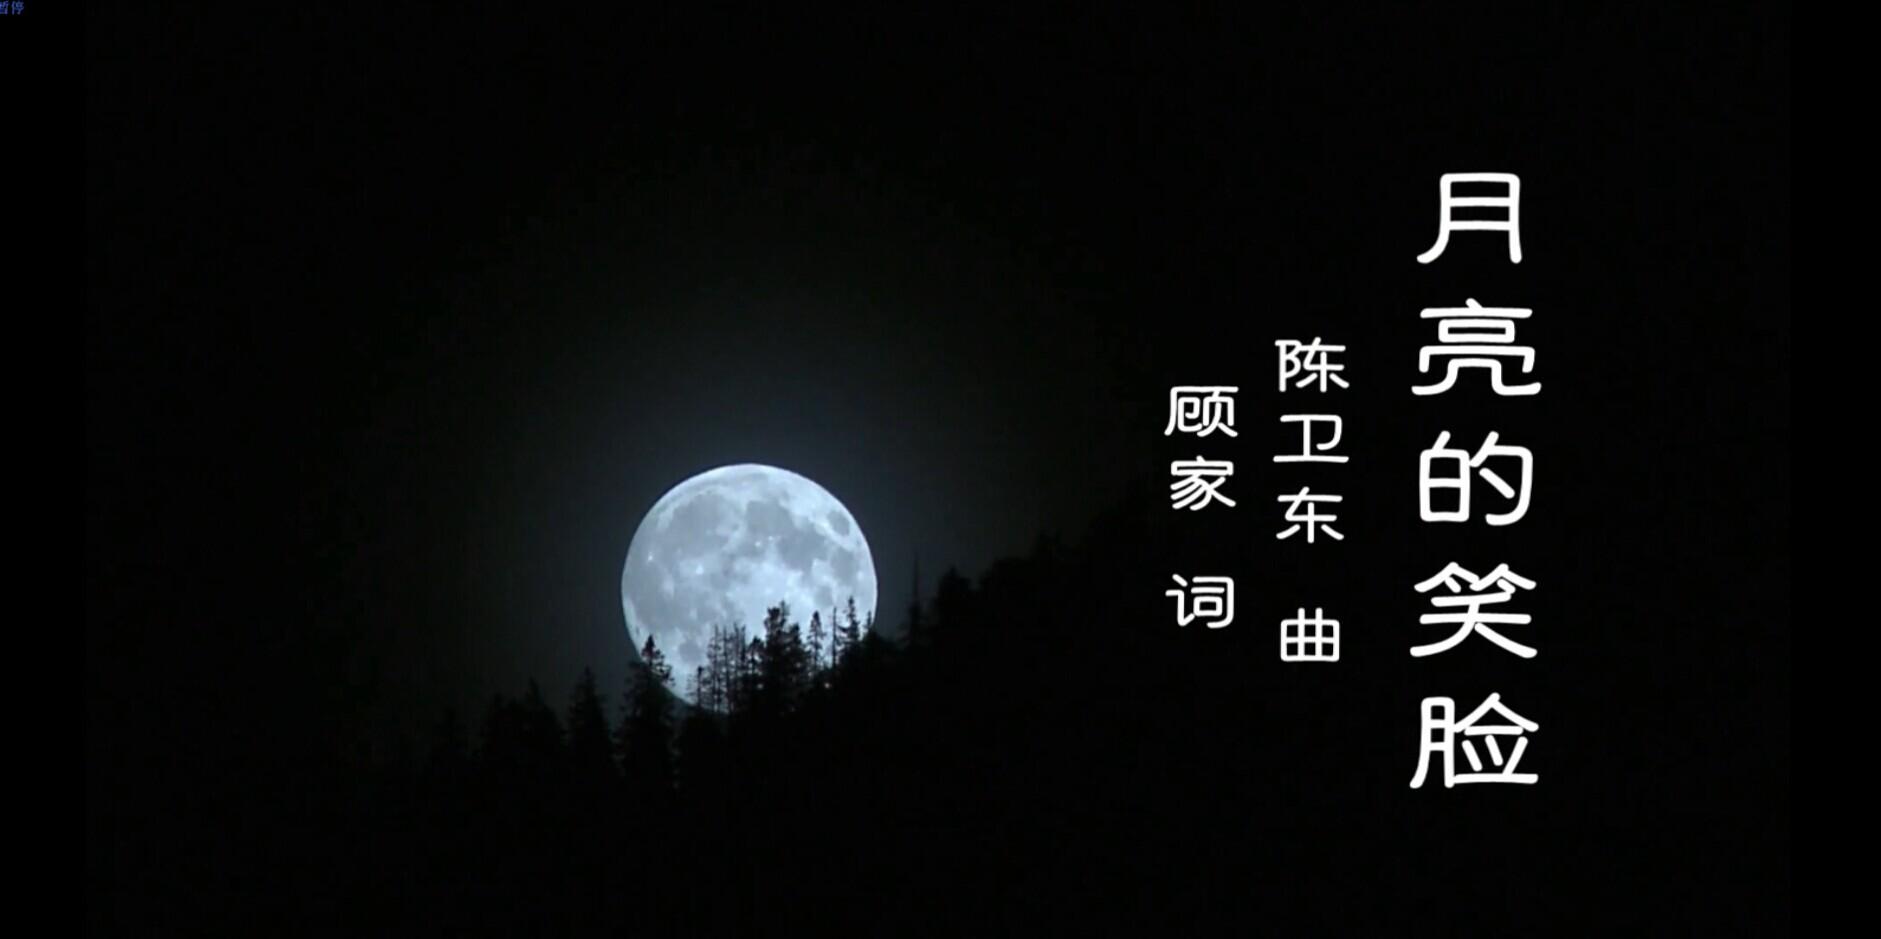 《月亮的笑脸》mv视频(和妤婕 演唱) - 妙迹轩 - 5